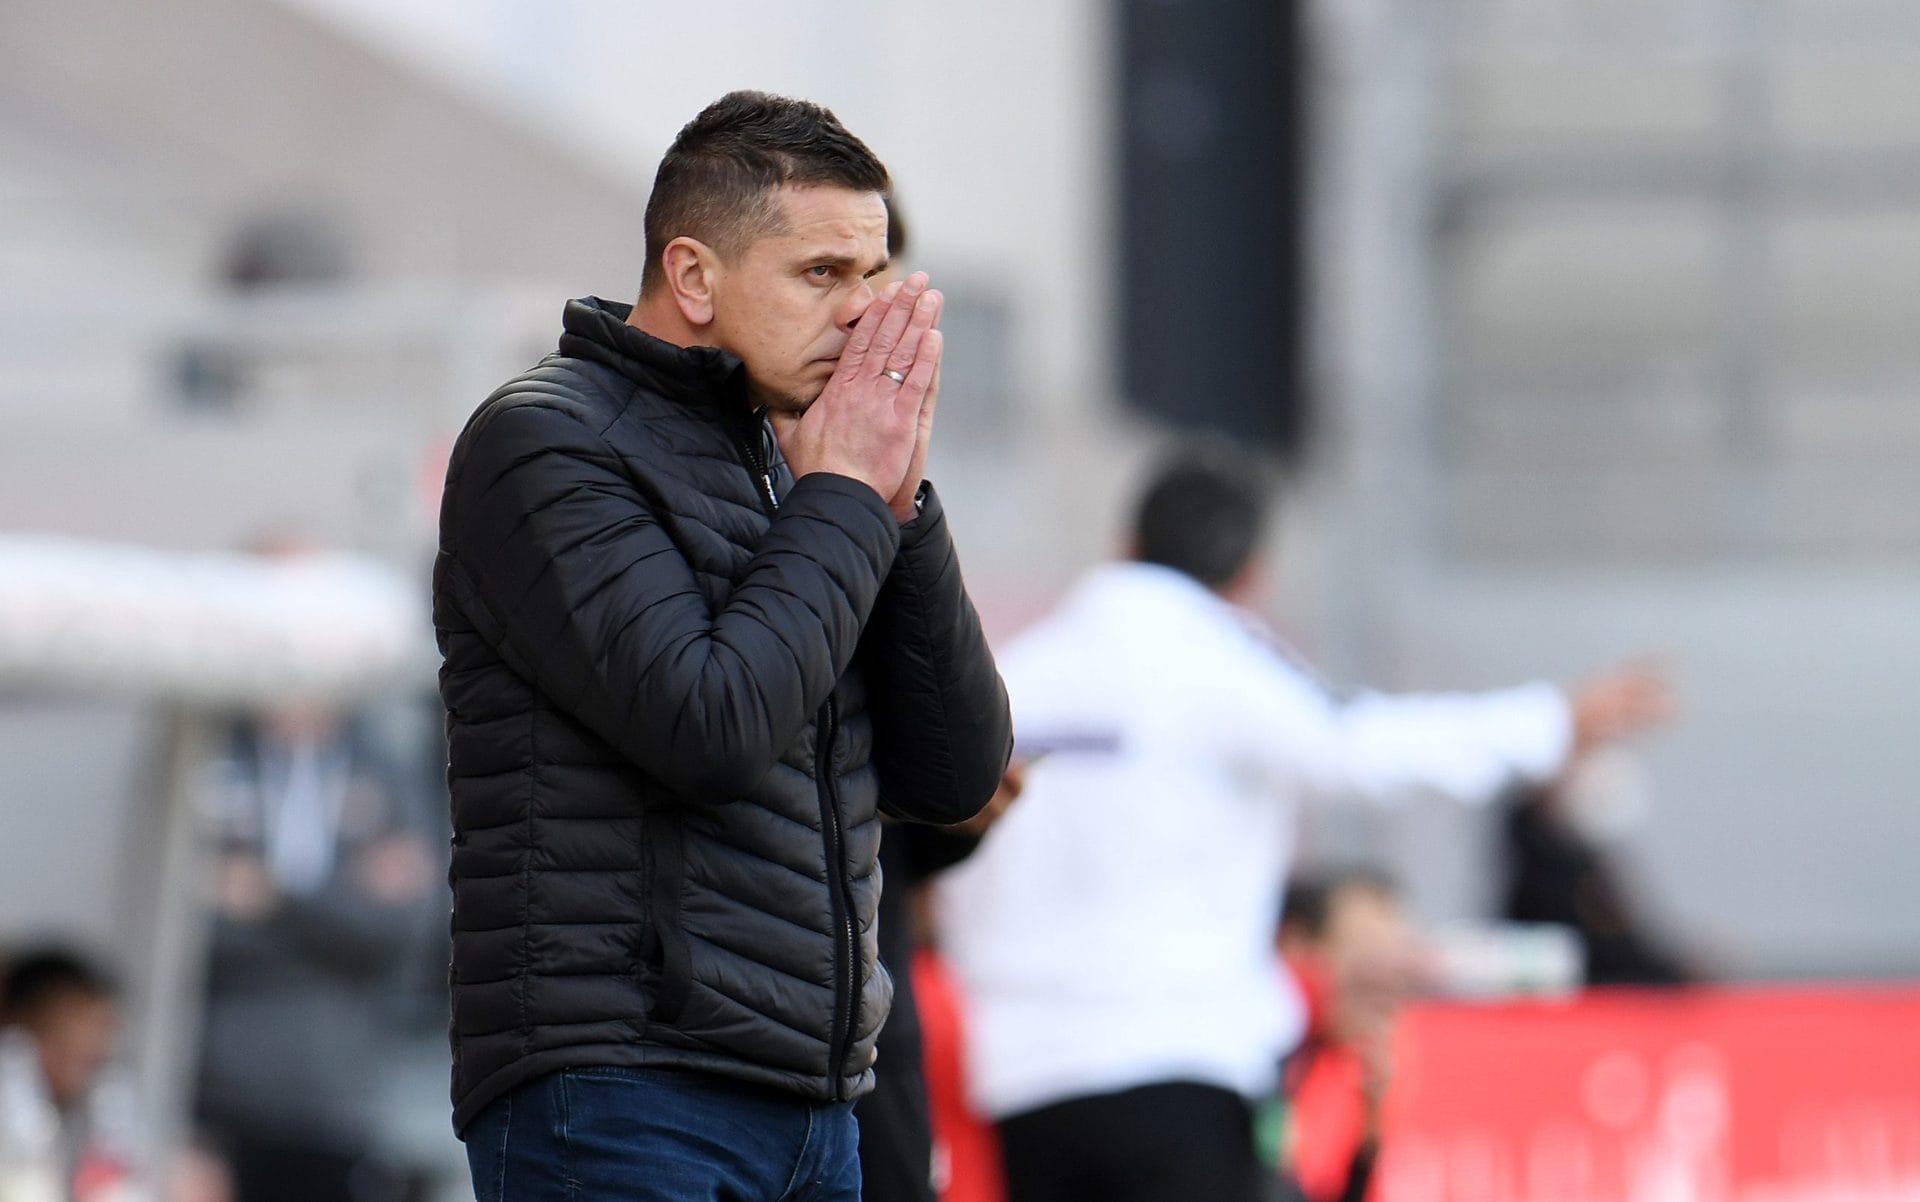 Zitterfinale für den SSV Jahn Regensburg Sicherer Klassenerhalt oder Relegation? Das Spiel gegen St. Pauli gibt die Richtung vor